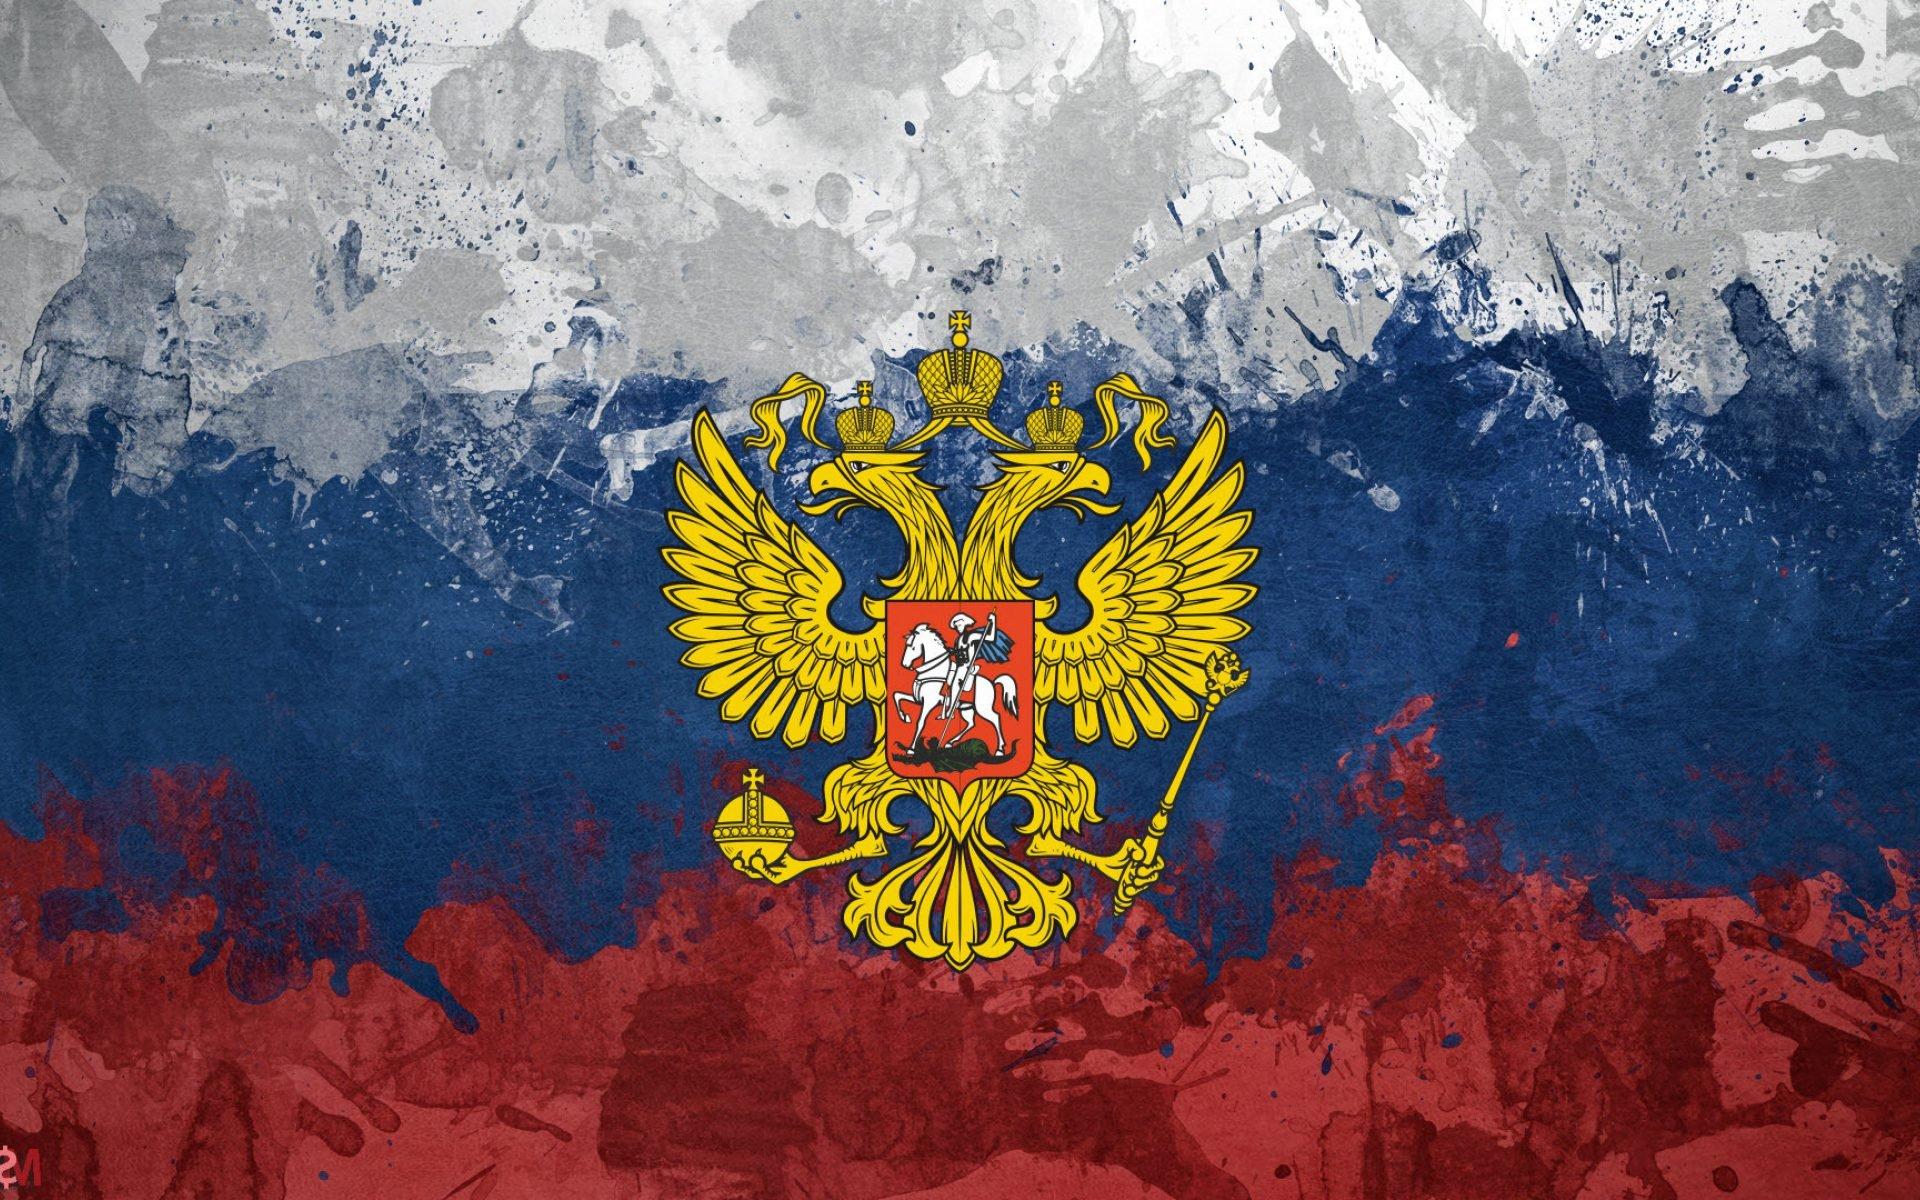 обои российская империя для рабочего стола № 823284  скачать